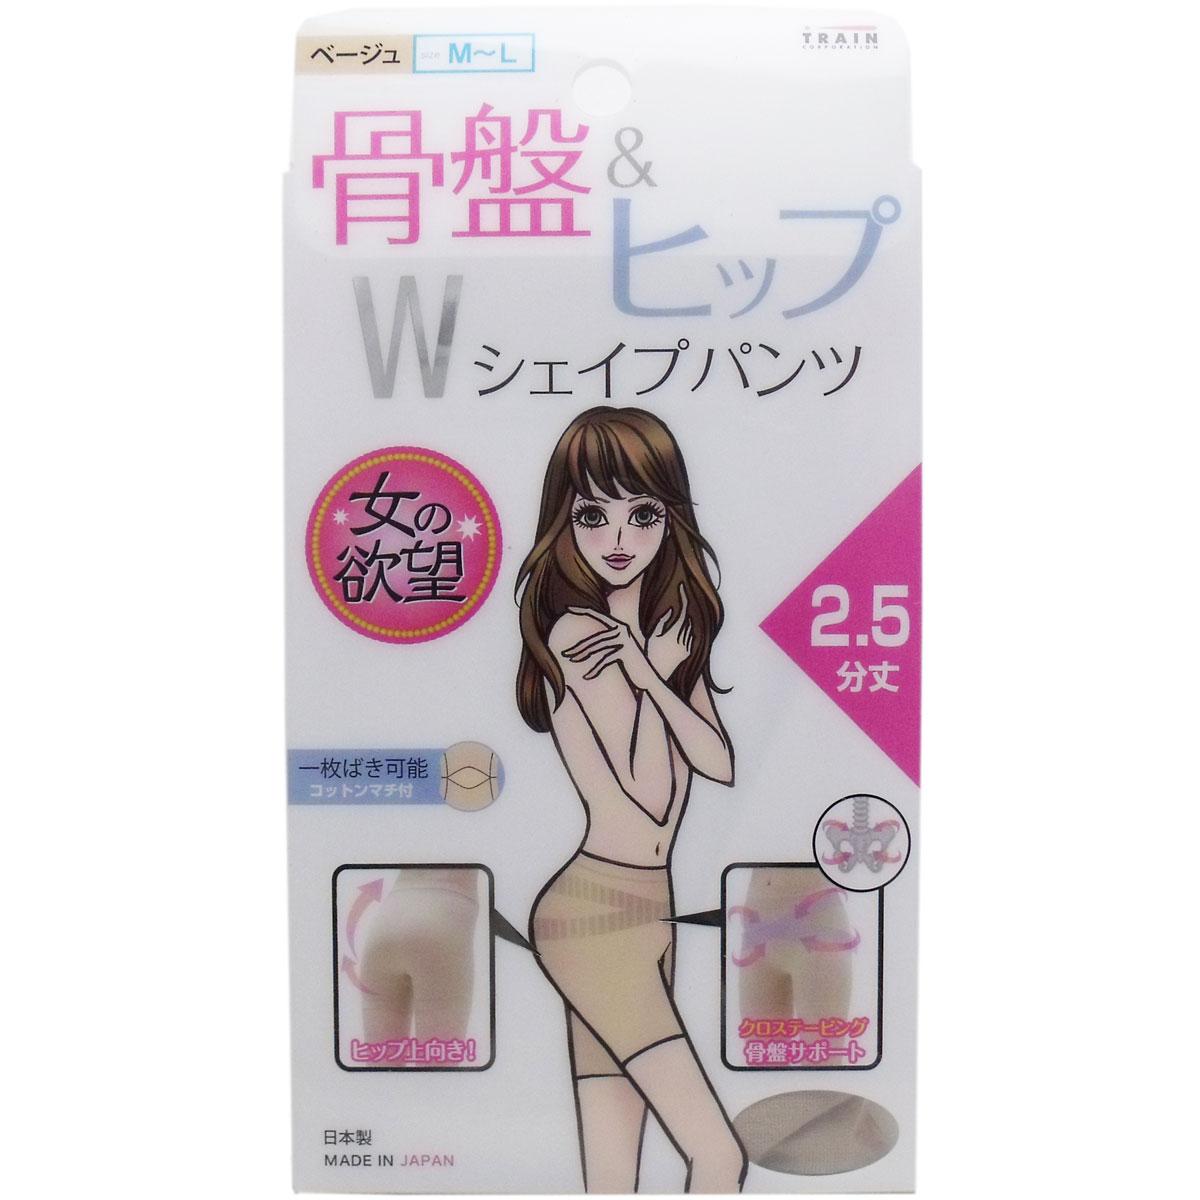 女の欲望 骨盤&ヒップ Wシェイプパンツ 2.5分丈 ベージュ M-Lサイズ